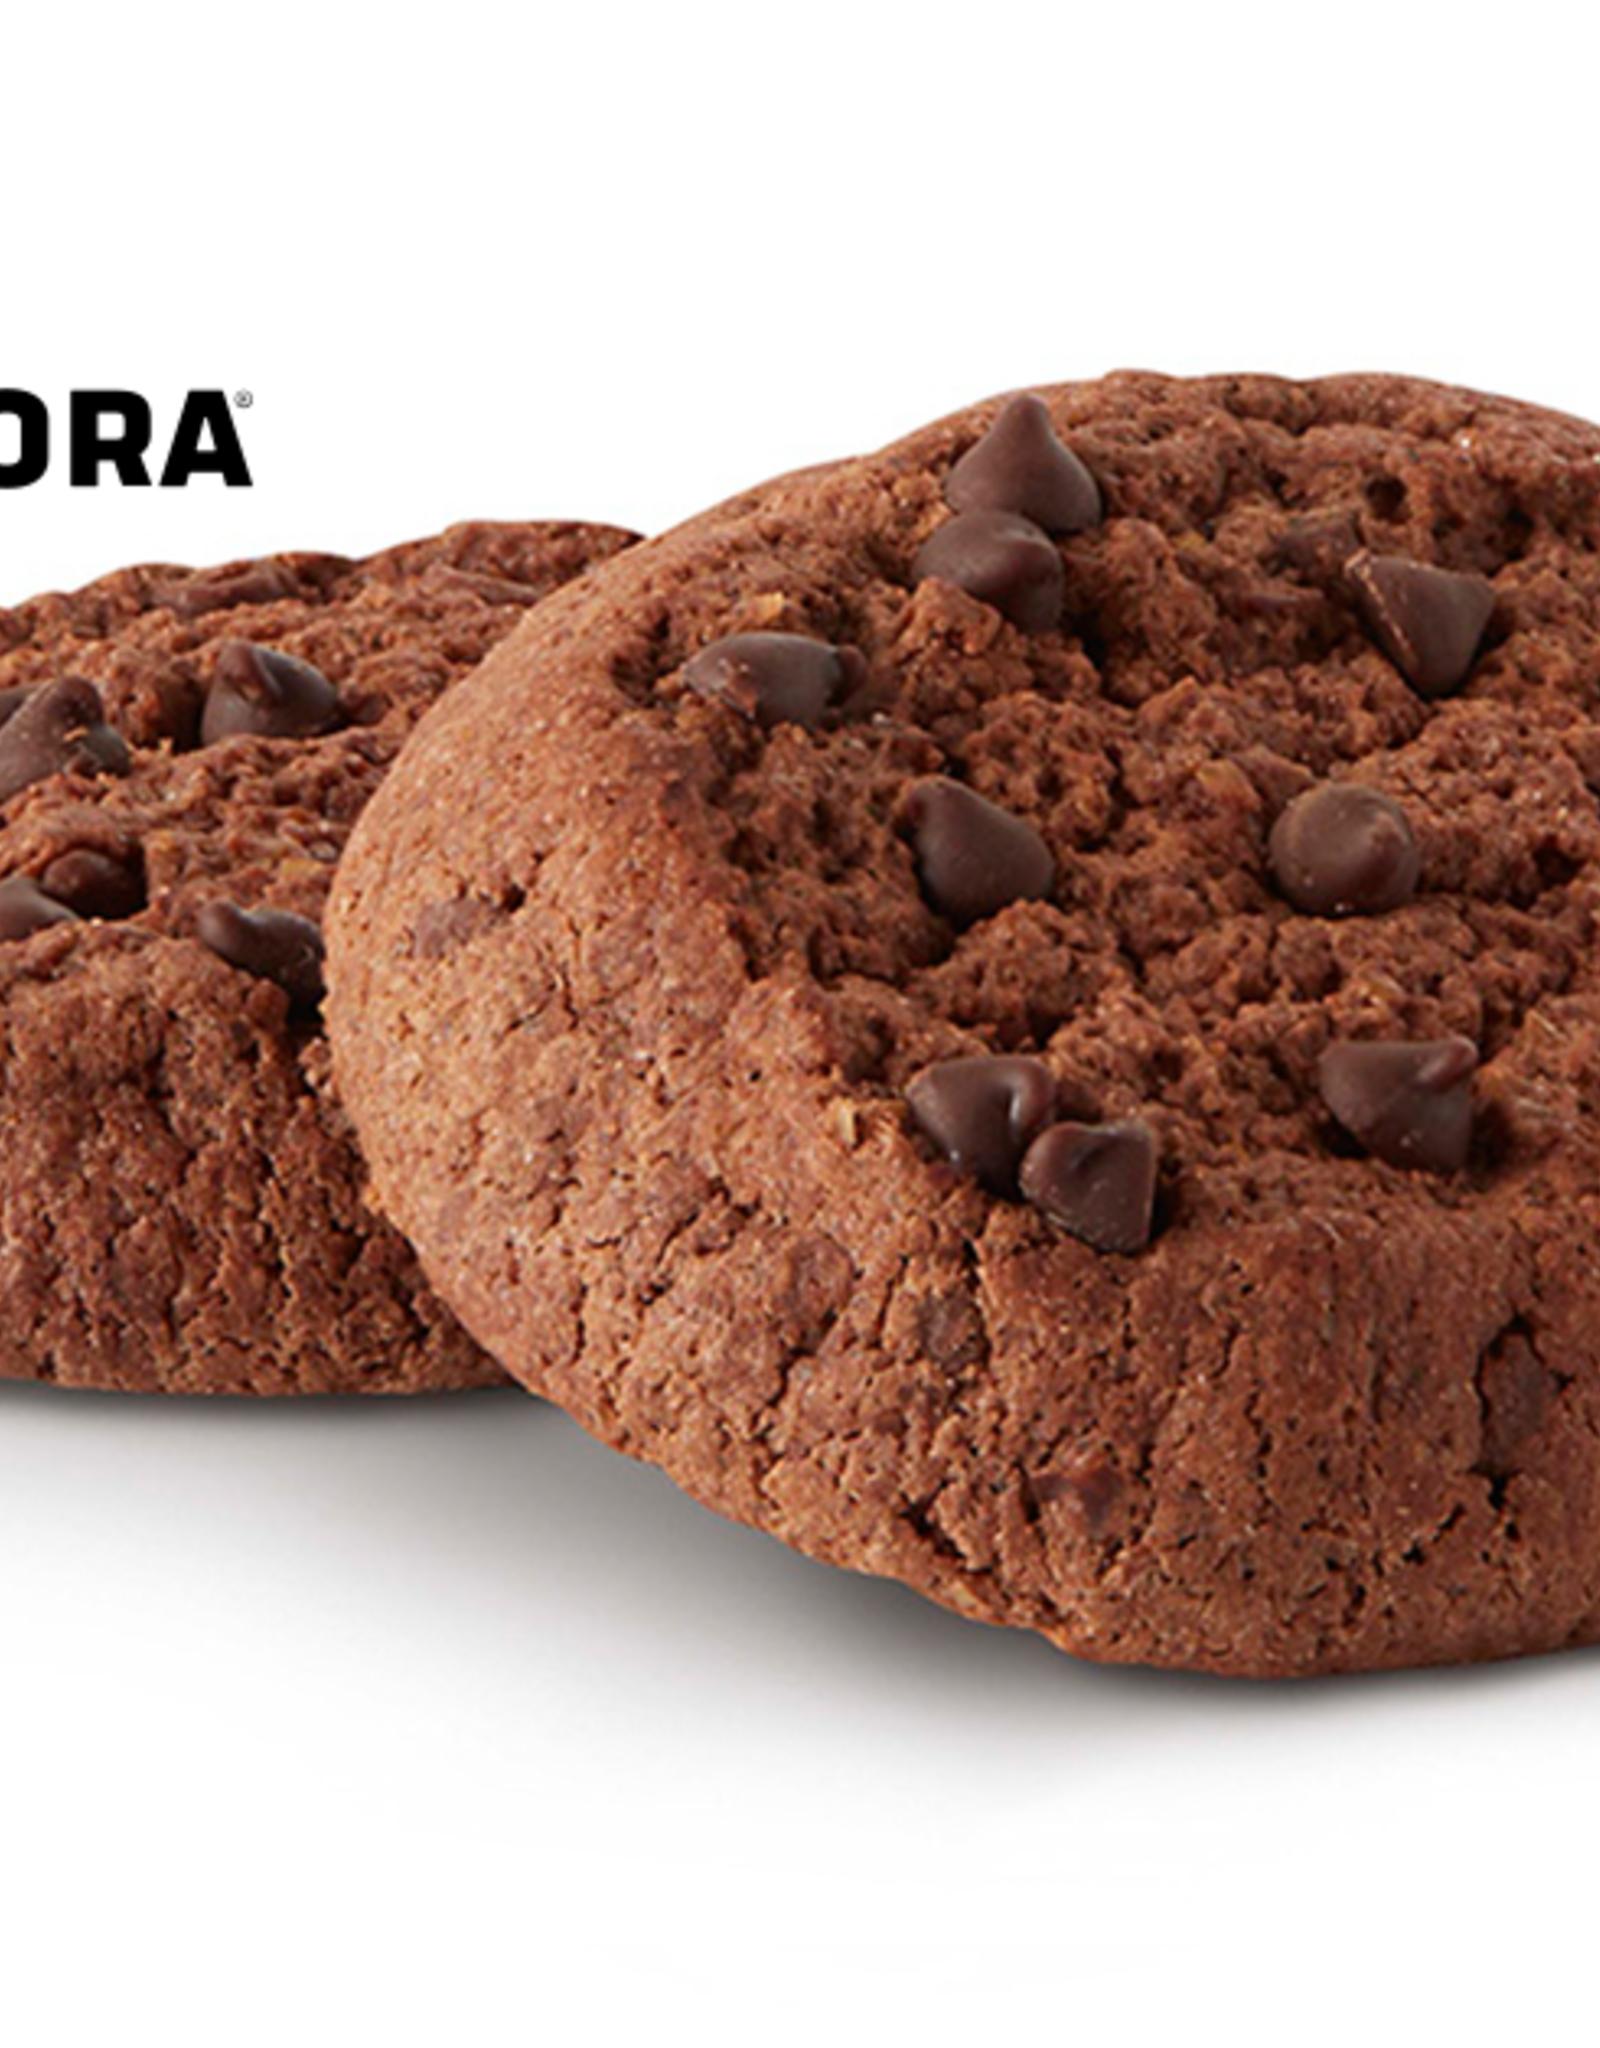 Aurora Aurora - Soft Baked Chocolate Cookies